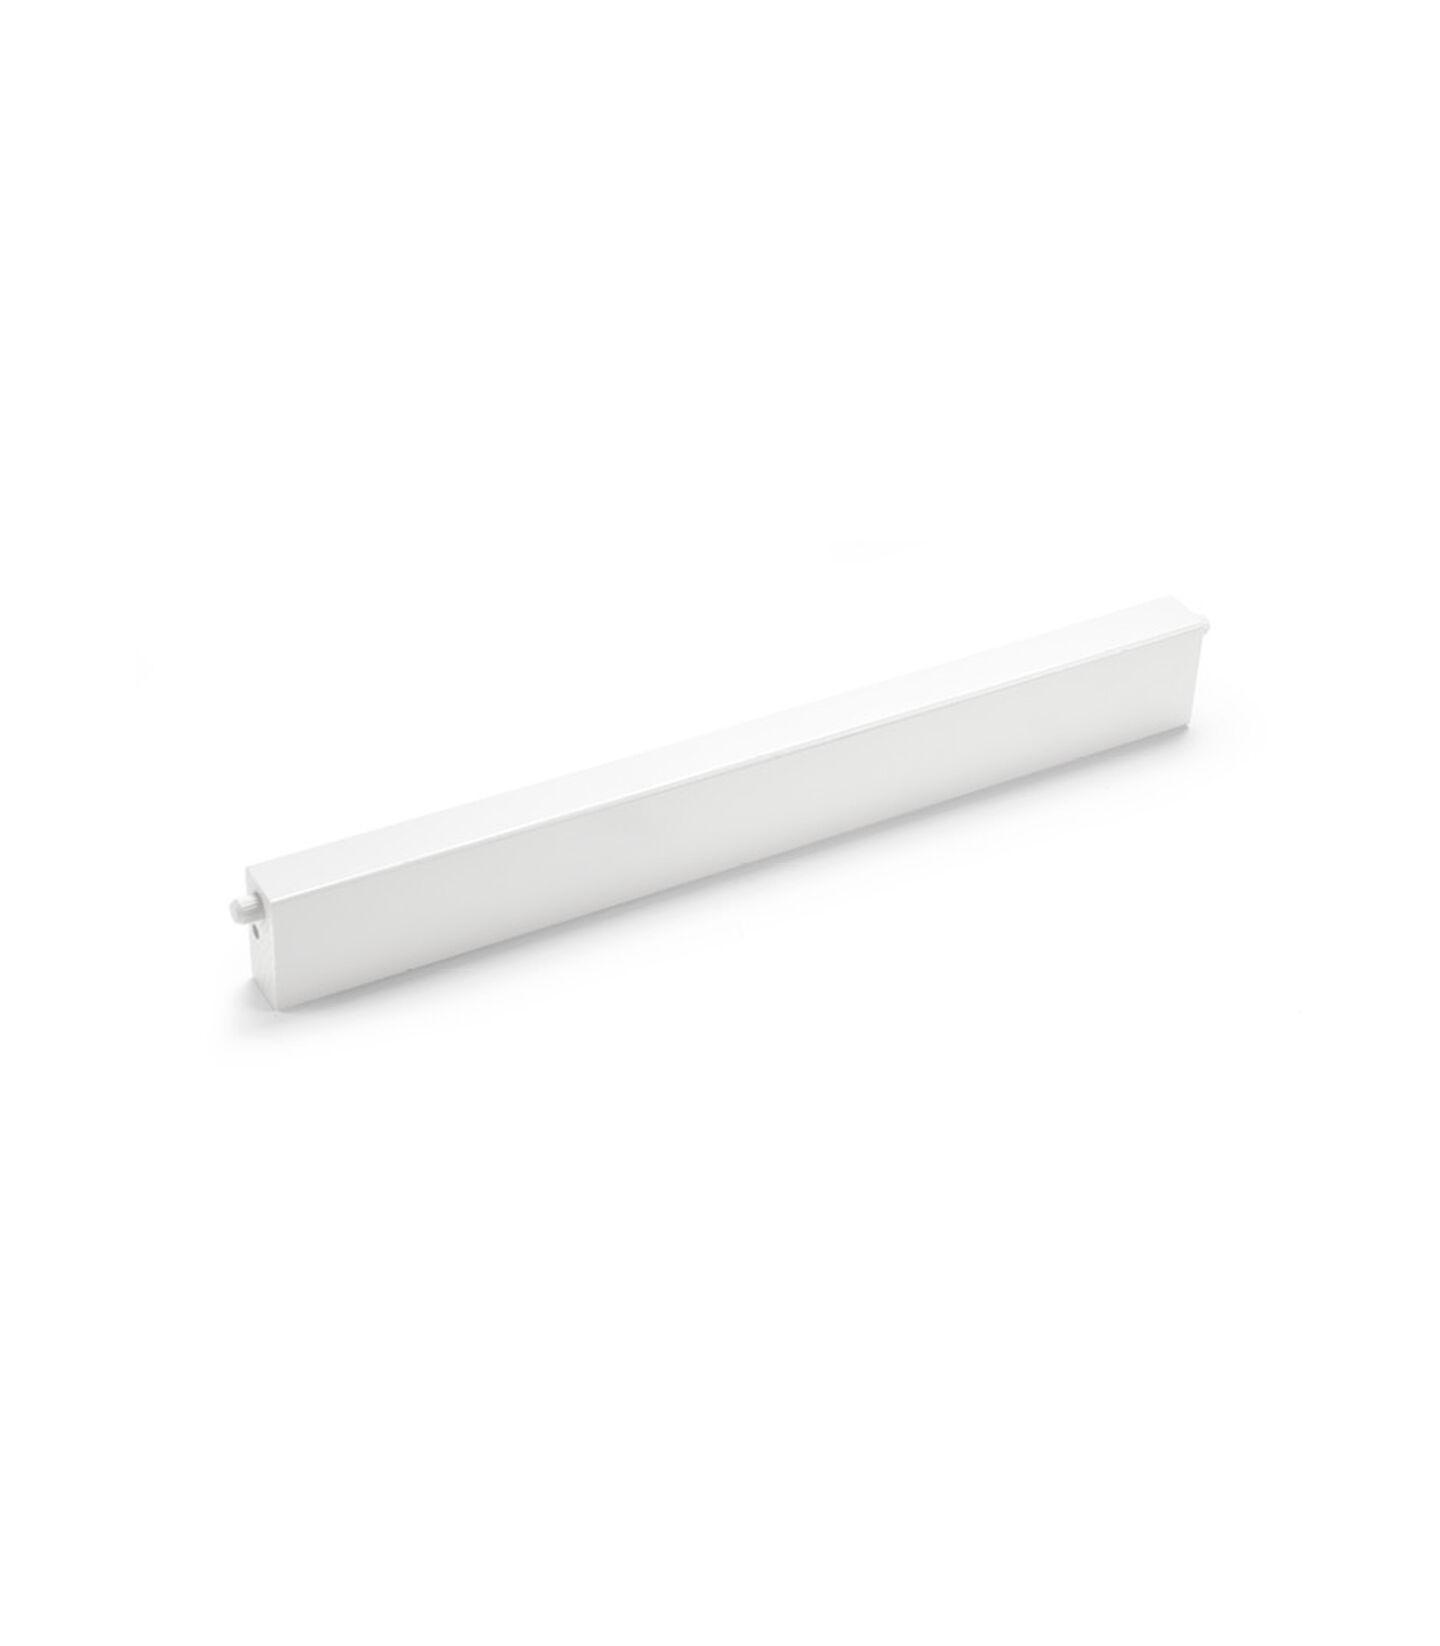 Tripp Trapp® Bodenanker White, White, mainview view 1